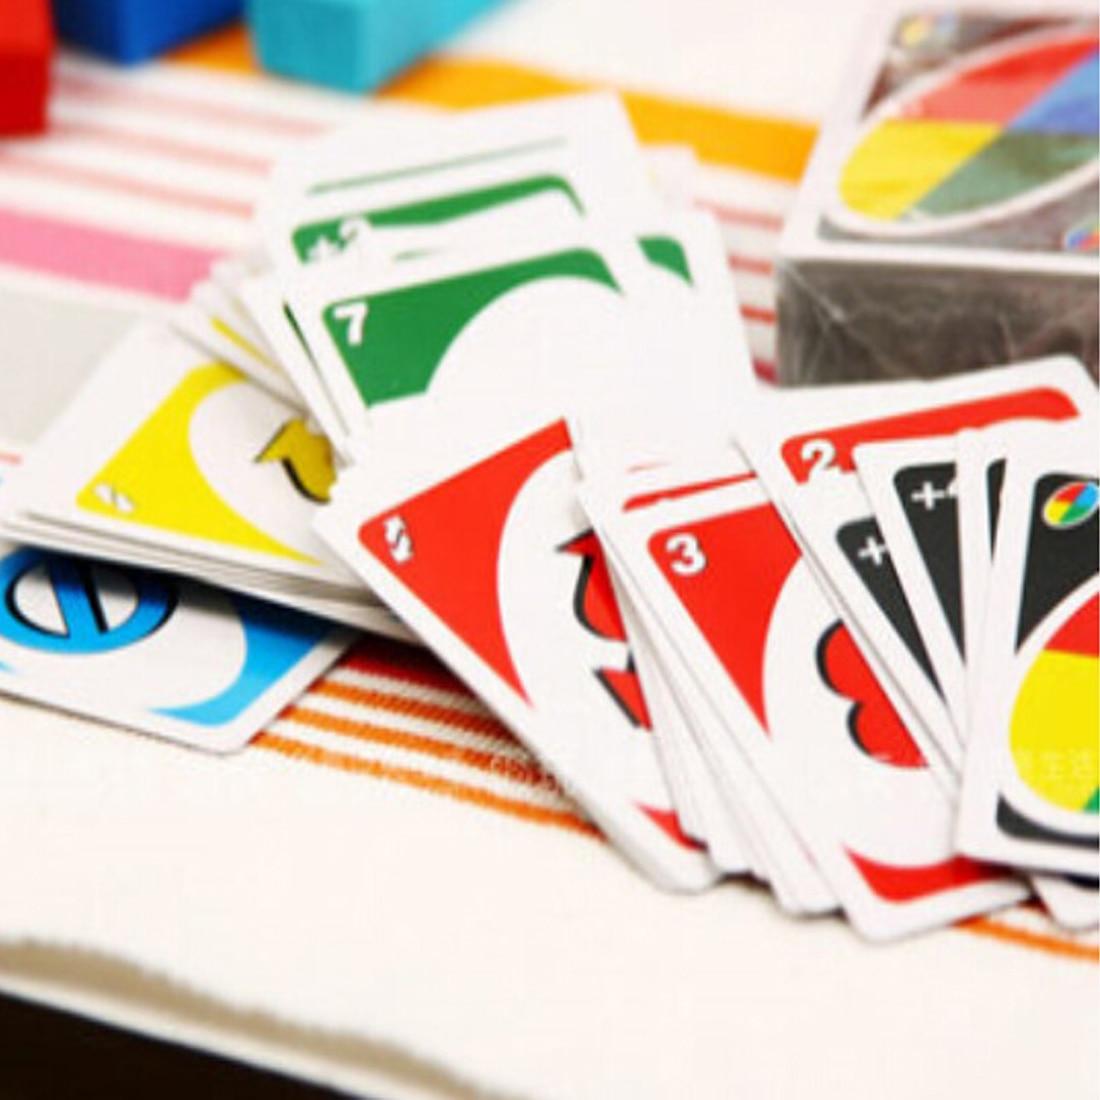 108 карт Семья развлечения Настольная игра покер UNO Fun Покер игральных карт Логические игры бренд